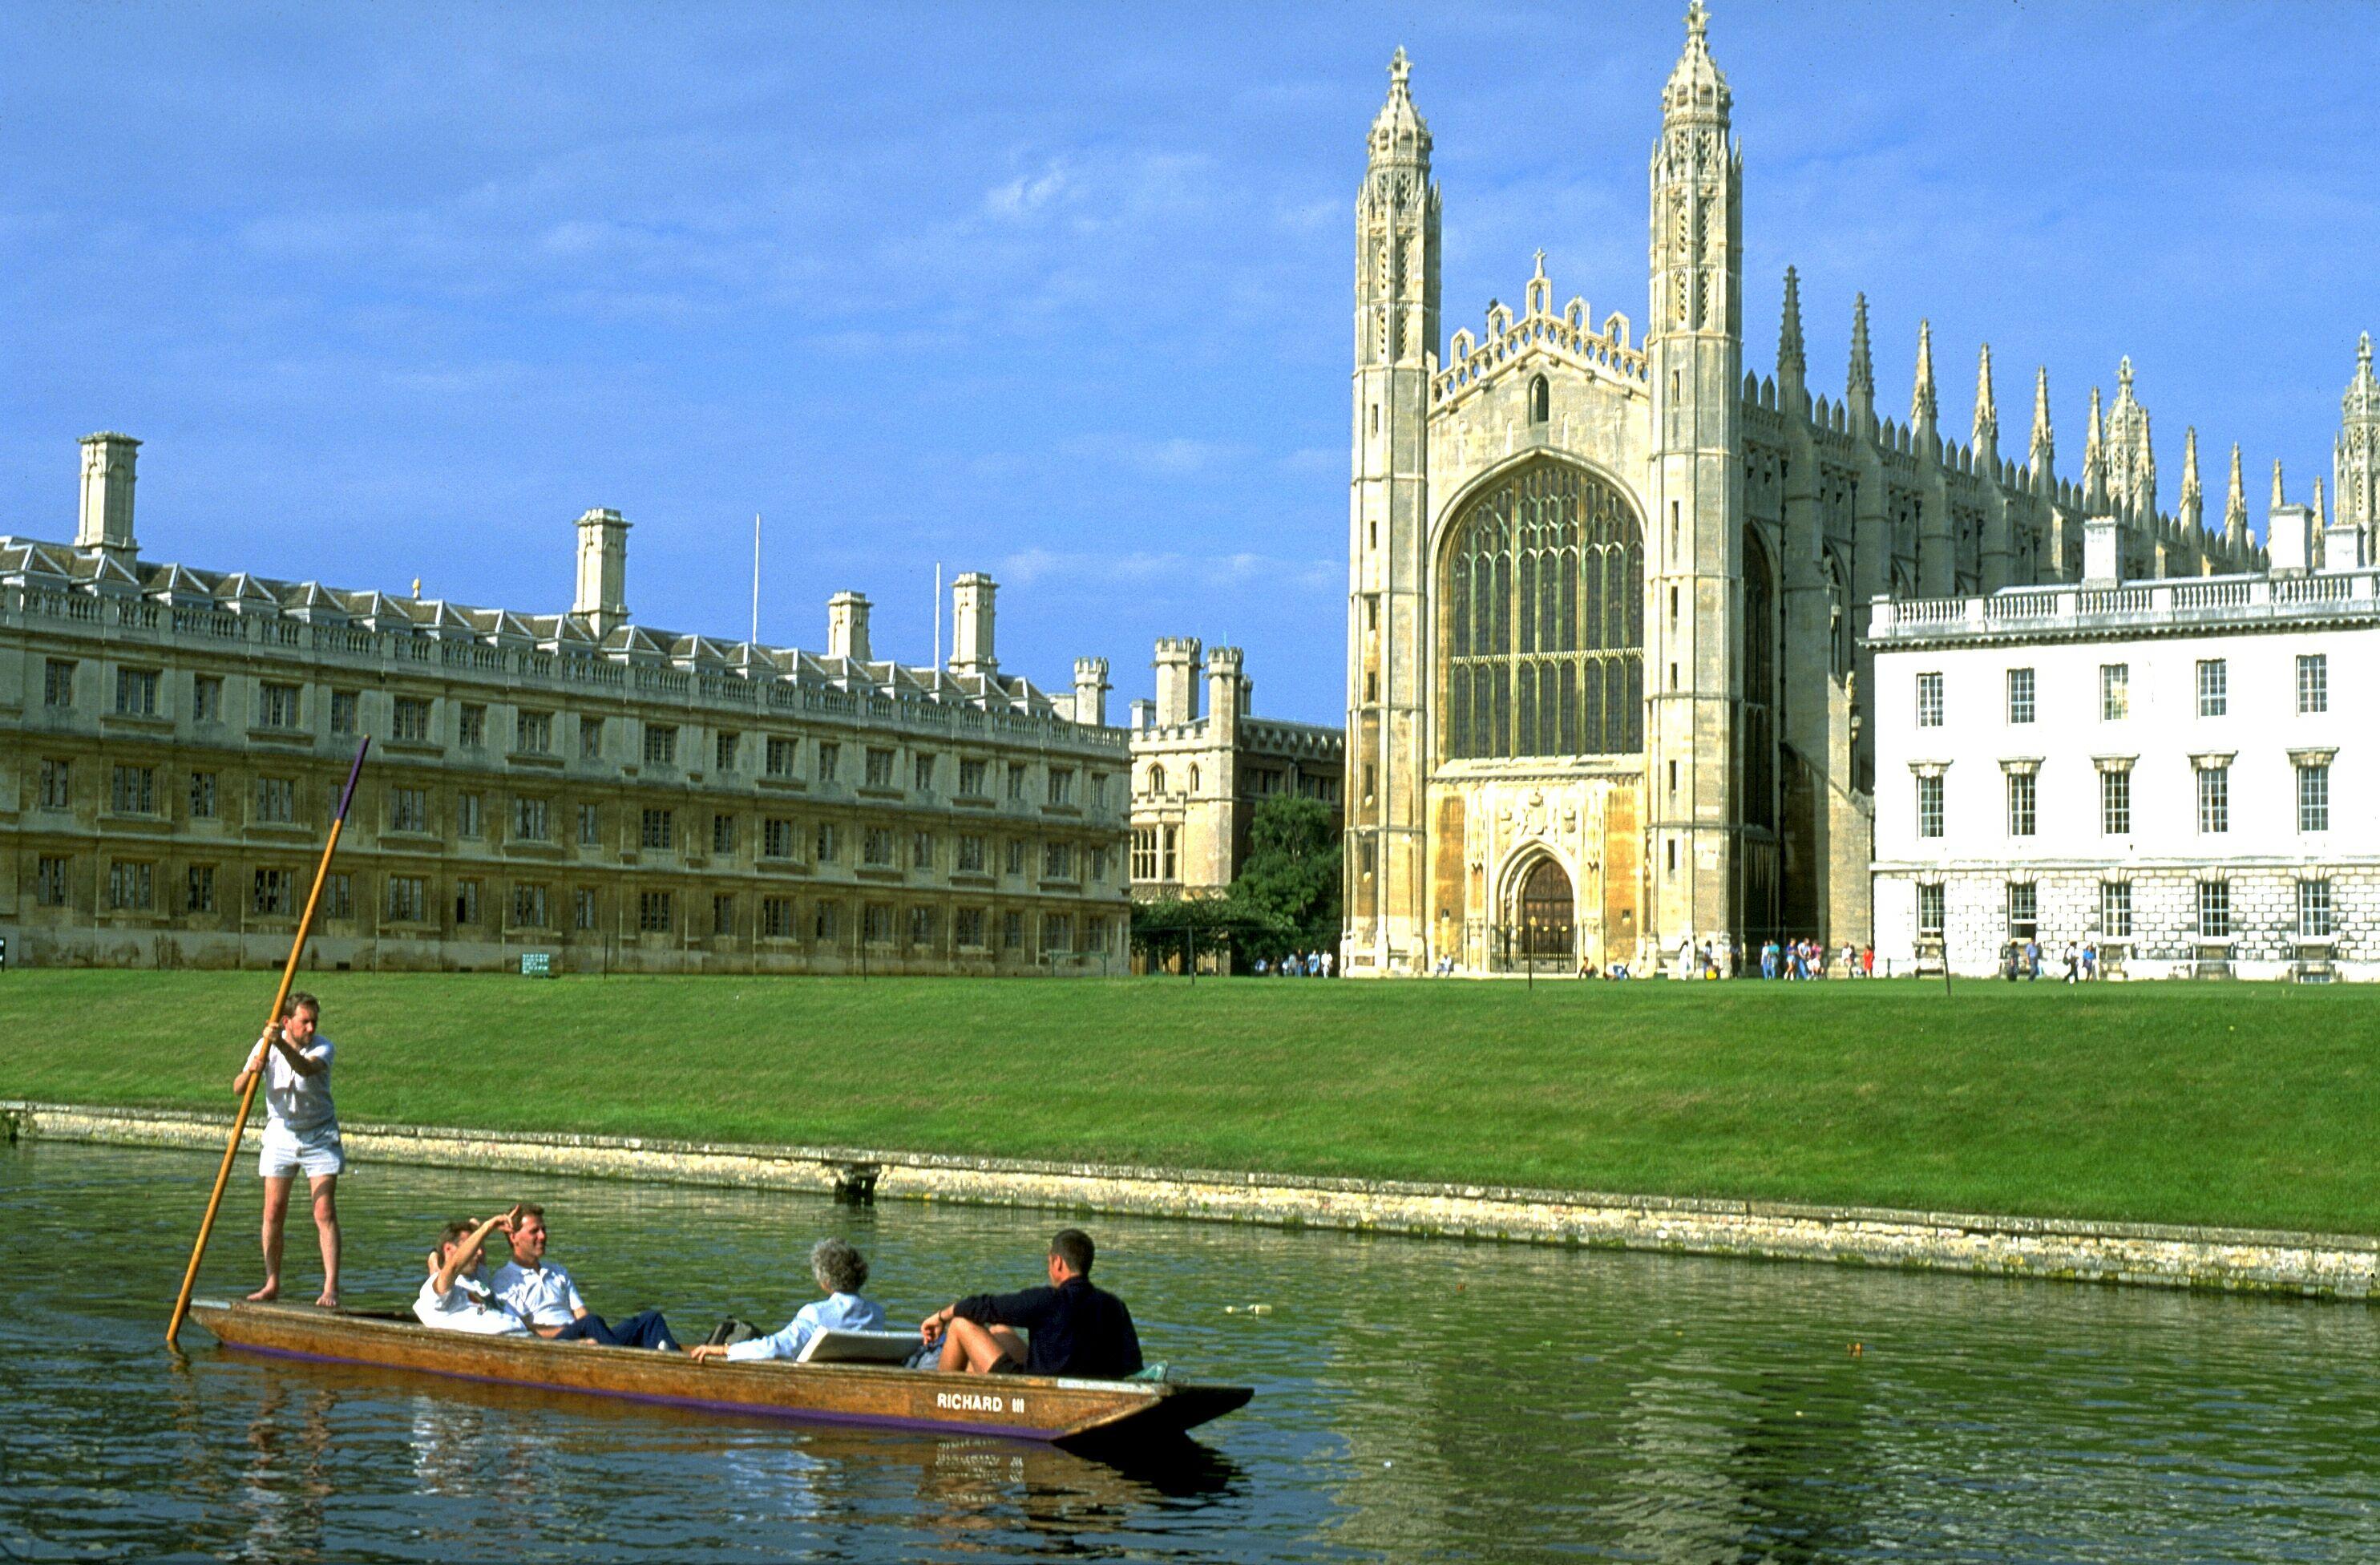 Cambridge er en af de mange seværdige destinationer tæt på London. Universitetsbyen ligger nord for London. Arkivpressefoto.